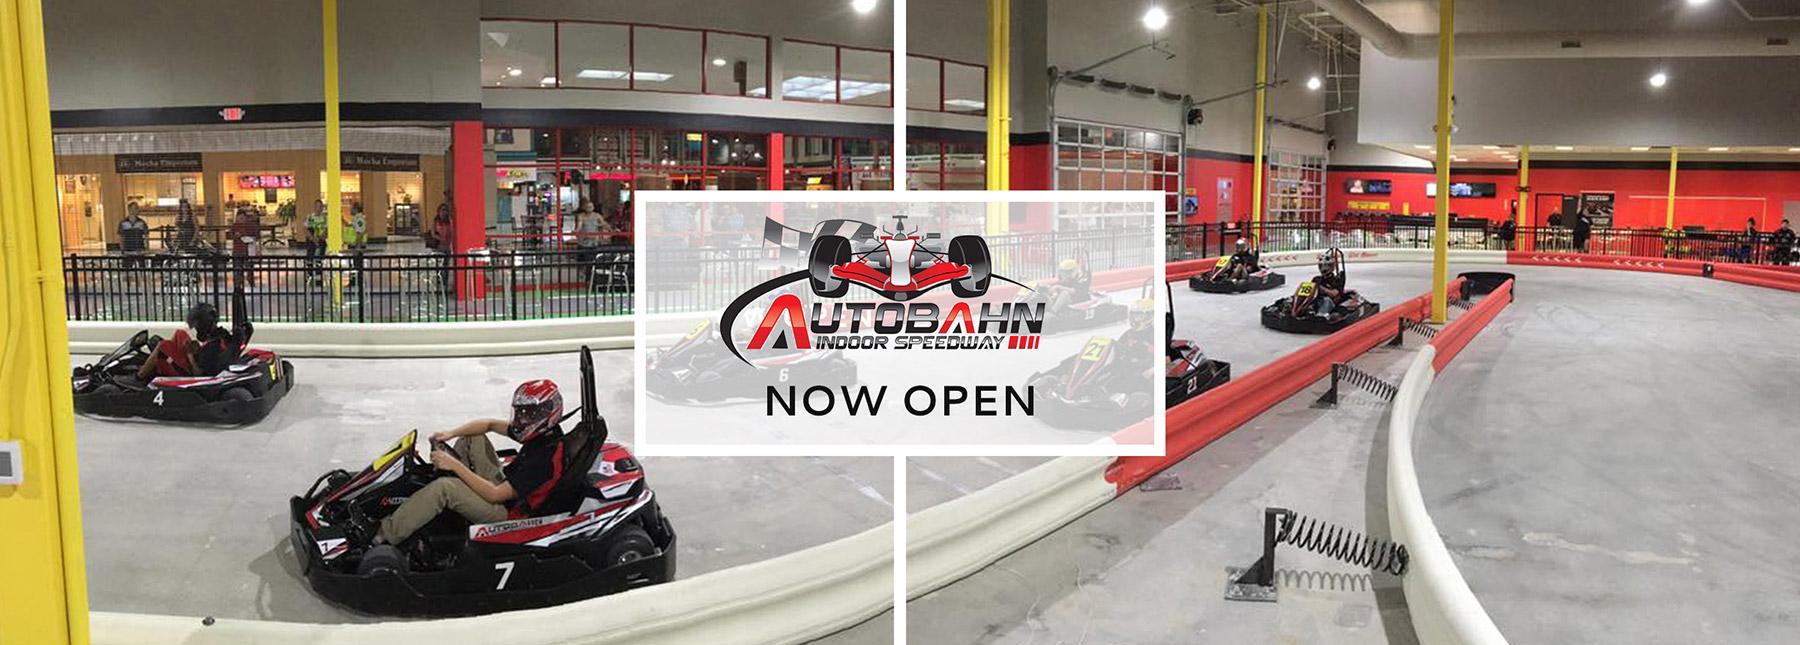 Autobahn Indoor Speedway - Now Open!